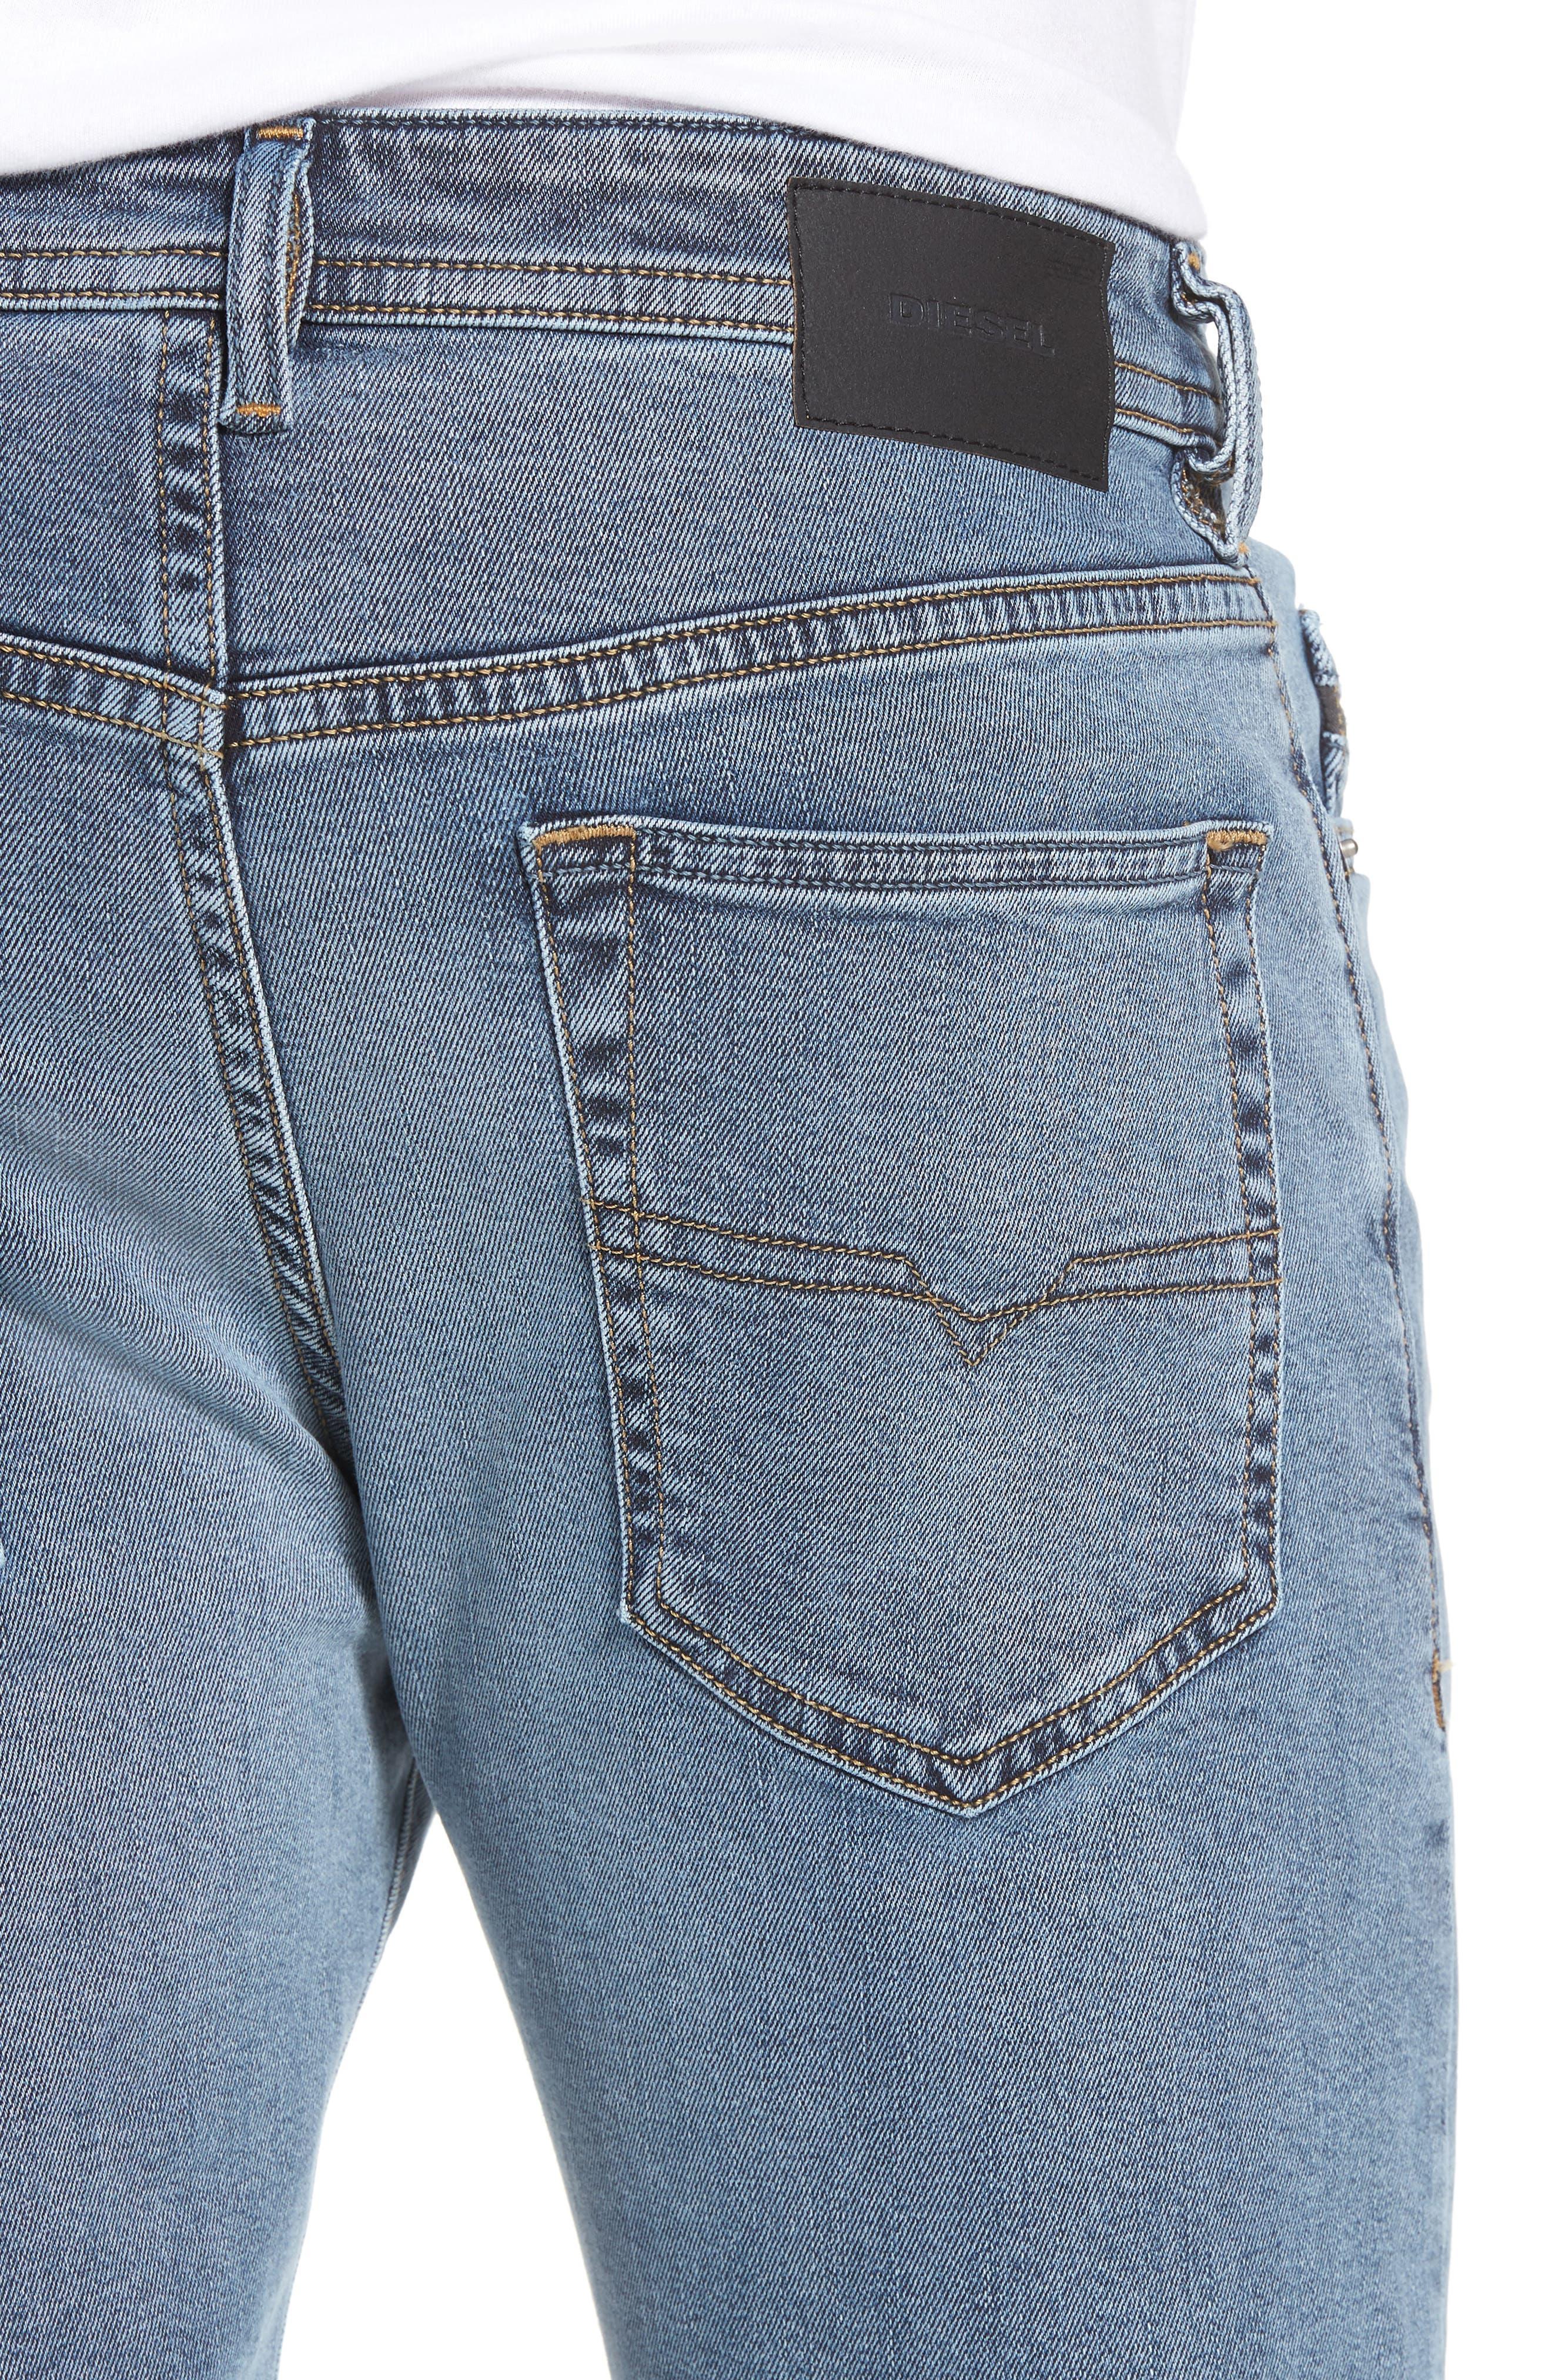 Buster Slim Straight Leg Jeans,                             Alternate thumbnail 4, color,                             084SJ